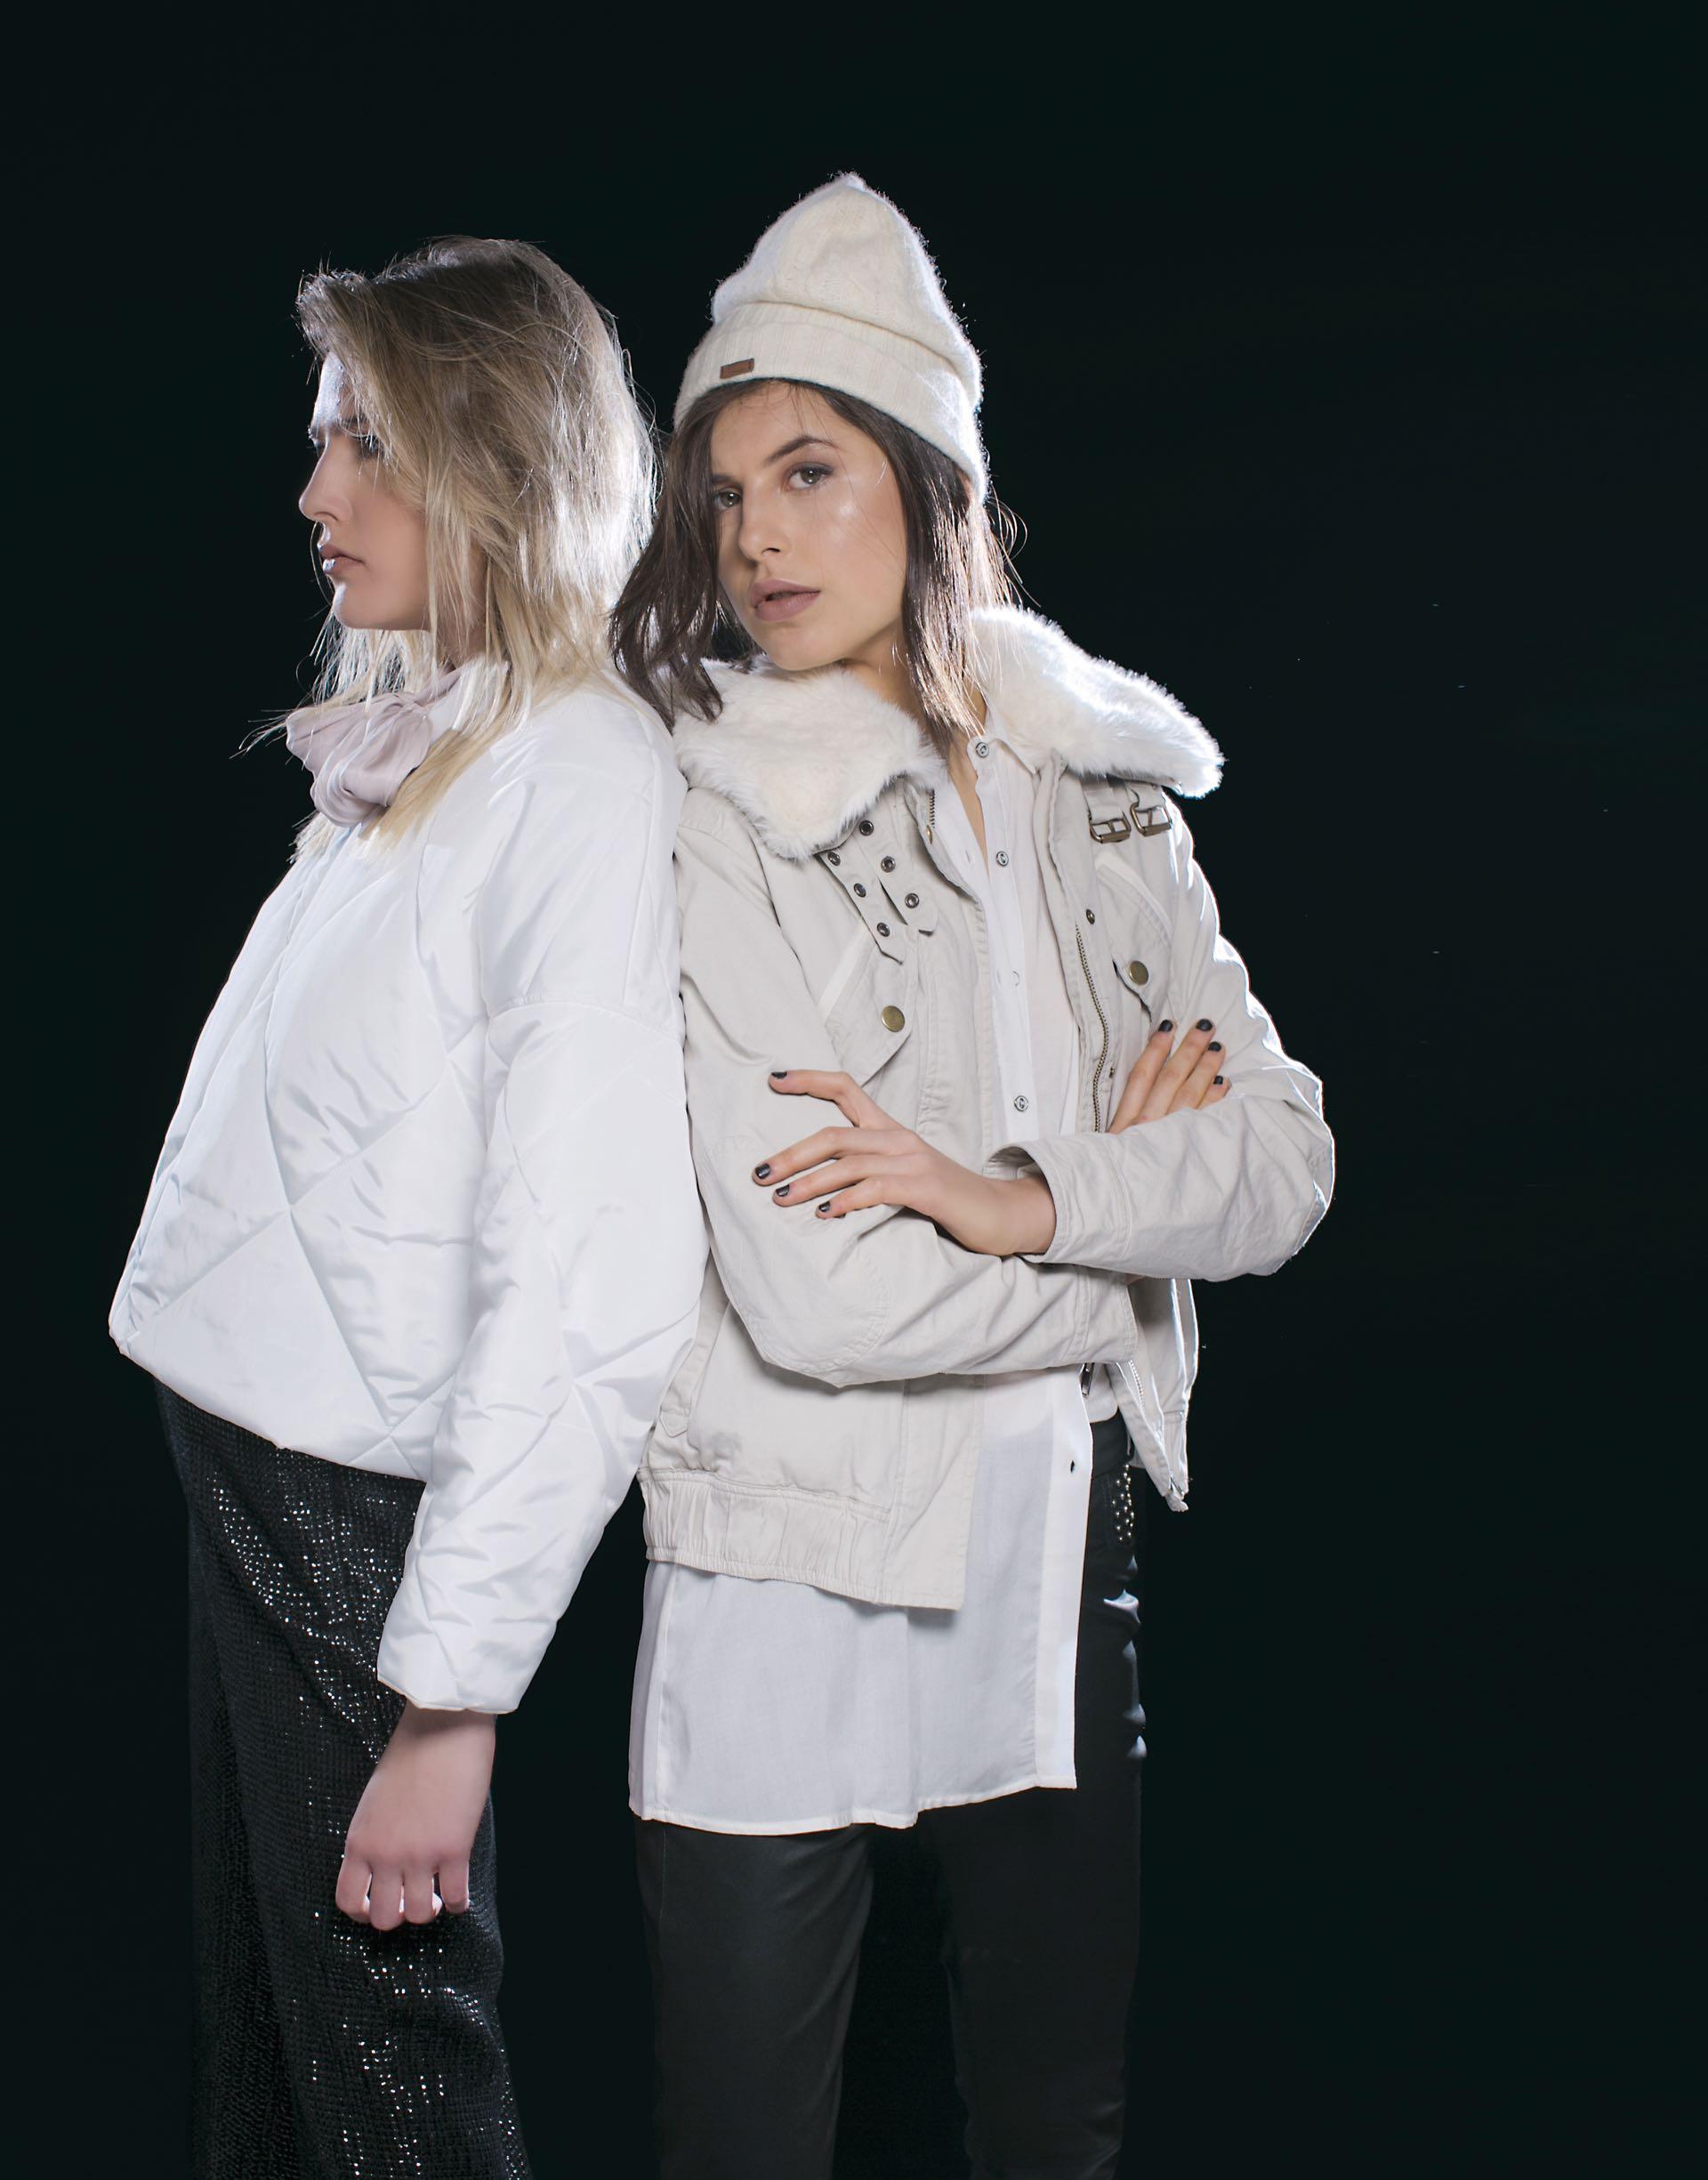 Milena: campera corta (antes $ 5.990, AHORA $ 4.190, Trosman), blusa de seda con lazo (antes $ 2.700, AHORA $ 1.600, Rapsodia) y maxipantalón bordado de lentejuelas (antes $ 4.400, AHORA $ 2.400, Uma). Gabi: campera con piel sintética en el cuello y en el interior y camisa larga (antes $ 5.400, AHORA $ 4.390 y antes $ 1.690, AHORA $ 990, Wanama) y pantalón de cuero con tachas.(Foto: Sebastián Cid/ Para Ti)